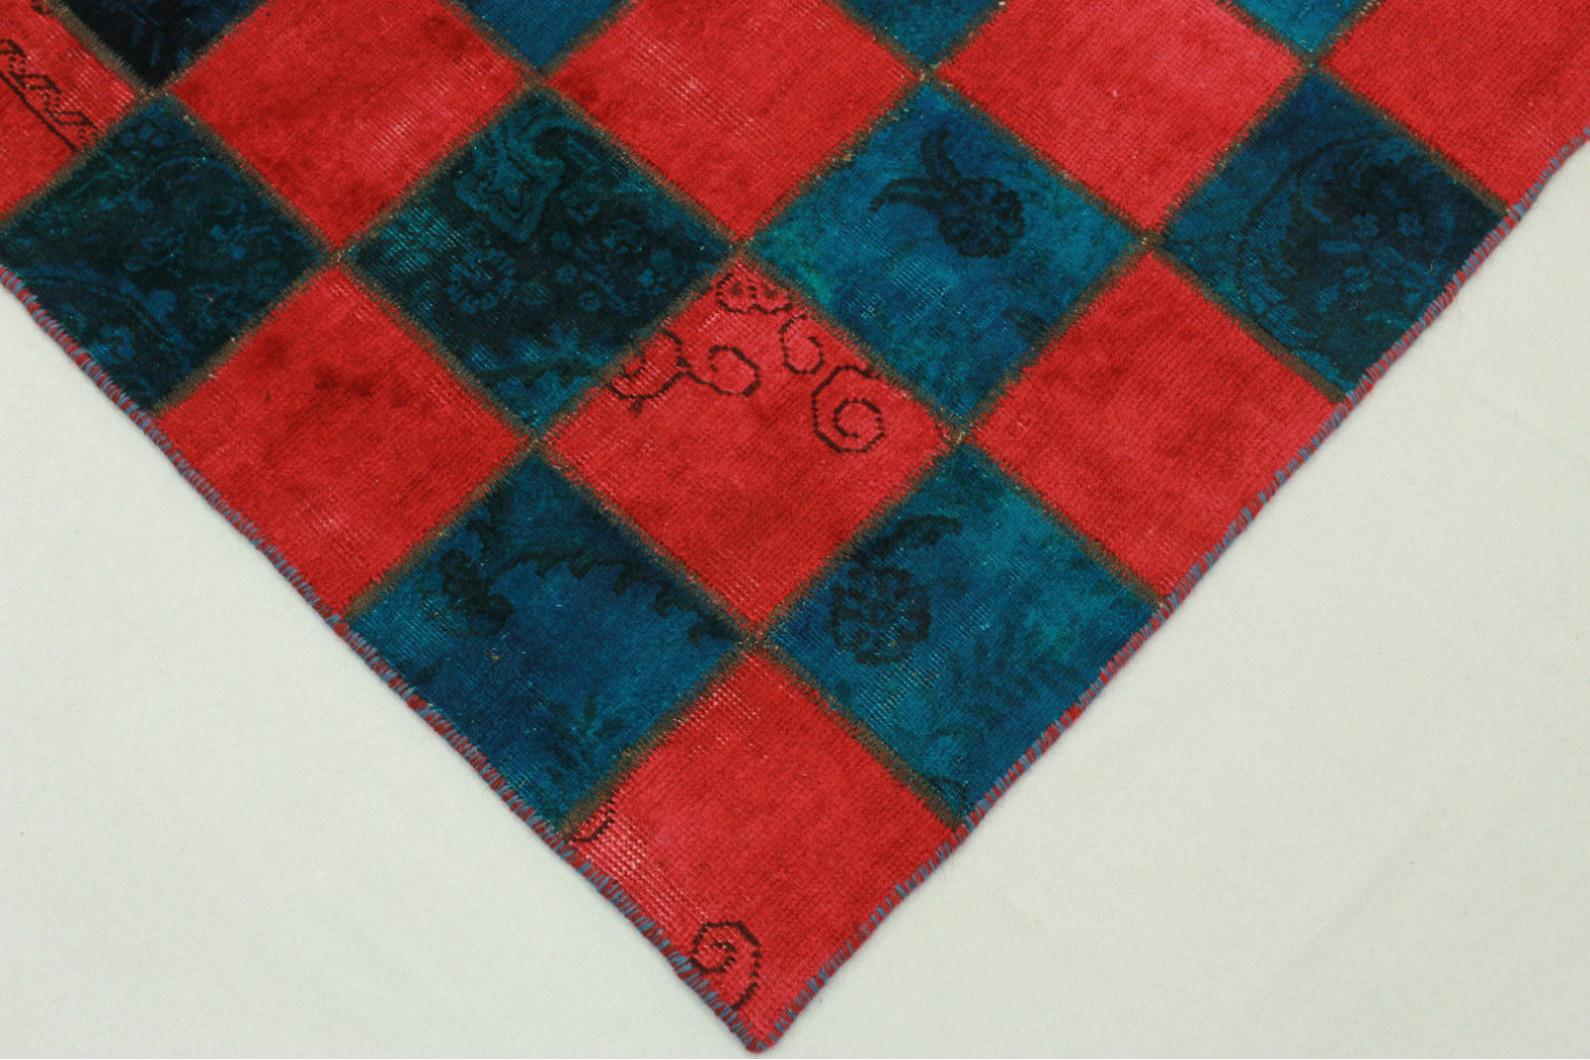 patchwork teppich rot blau in 200x140cm 1001 1970 bei kaufen. Black Bedroom Furniture Sets. Home Design Ideas